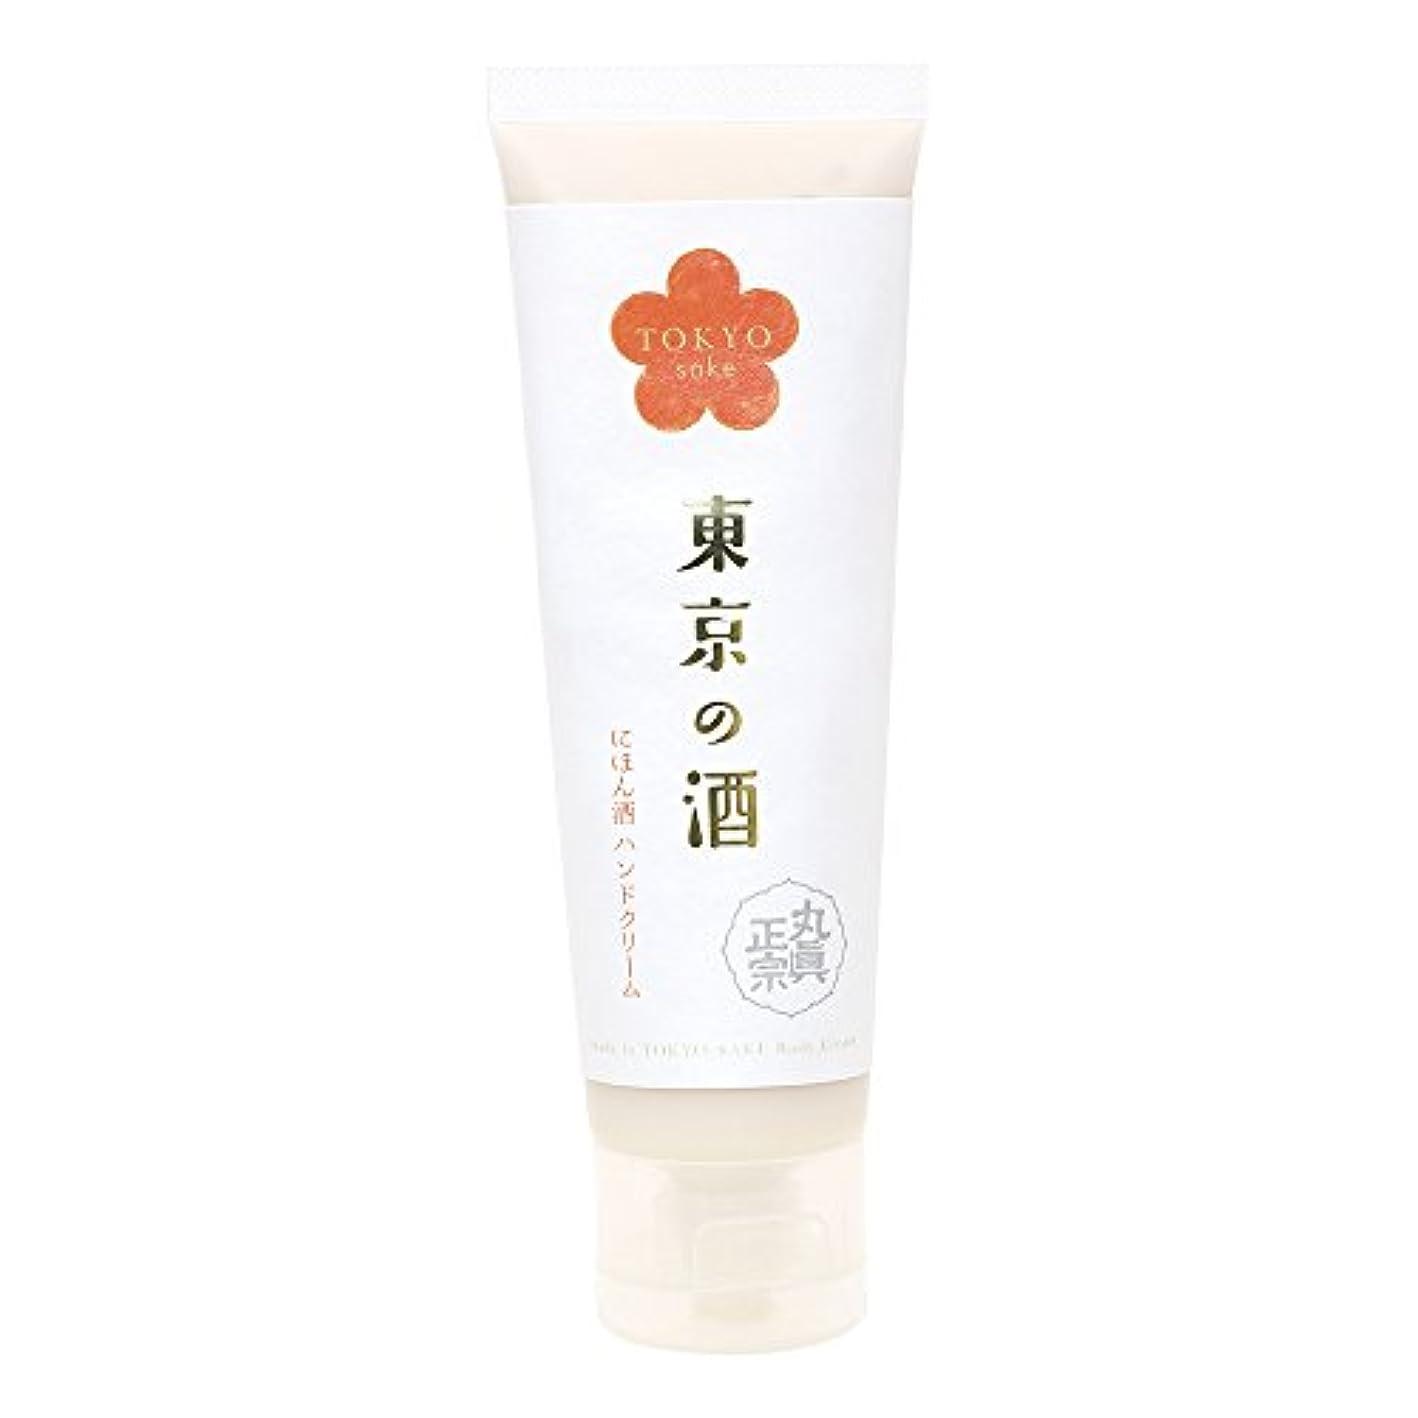 むき出し行進切断するノルコーポレーション 東京の酒 ハンドクリーム OB-TKY-2-1 65~70g